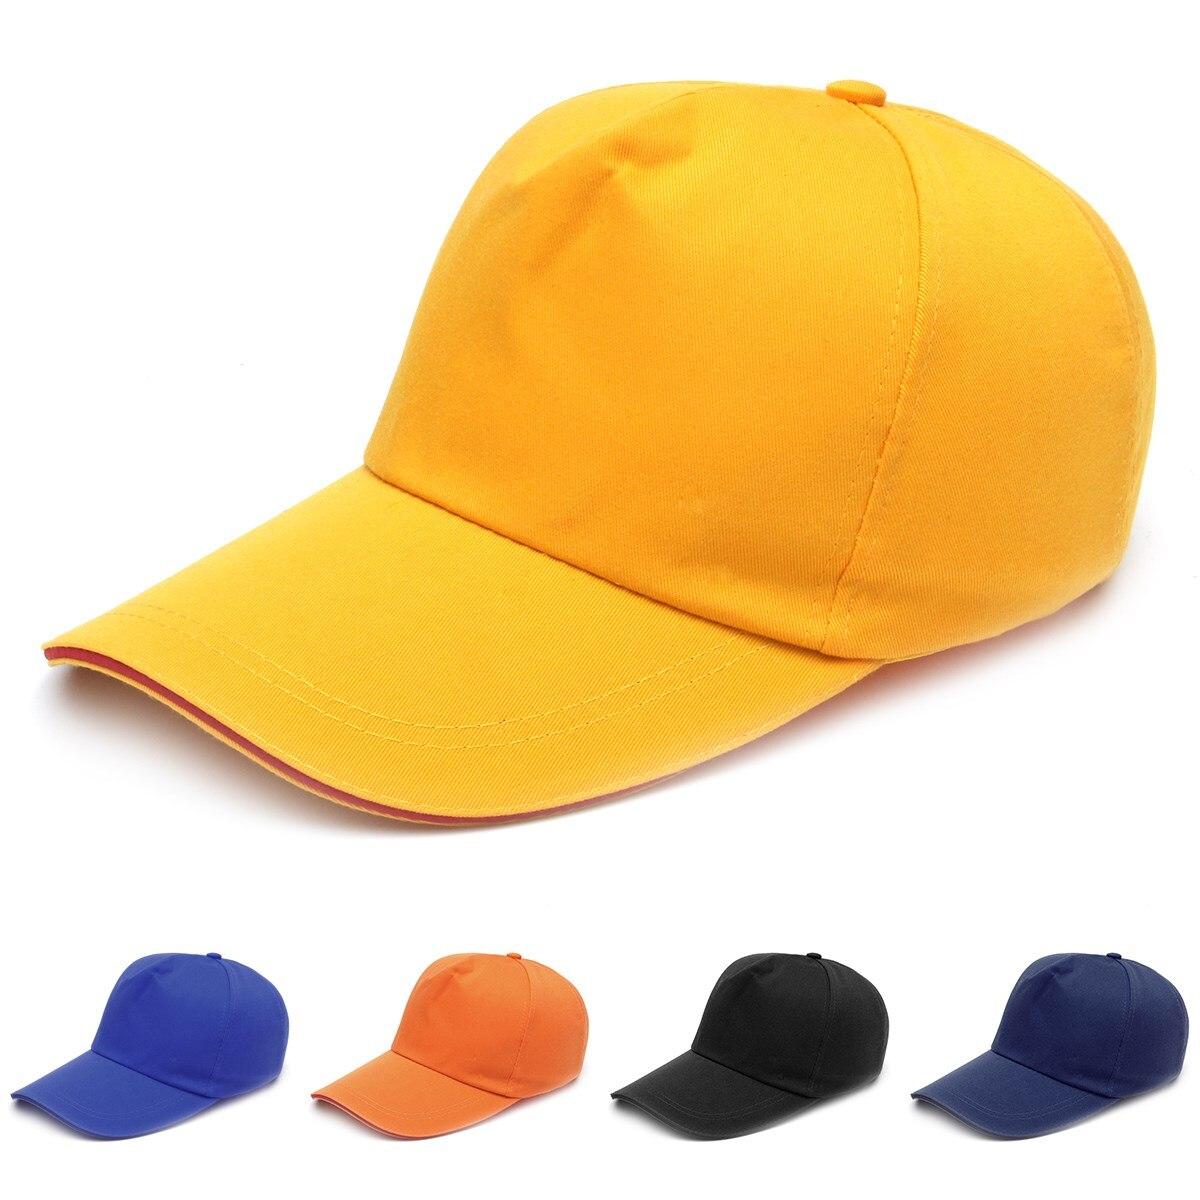 NEUE Safurance Bump Cap Baseball Stil Hart Hut Sicherheit Kopfschutz Leichte Arbeit Sicherheit Schutz Schutzhelm